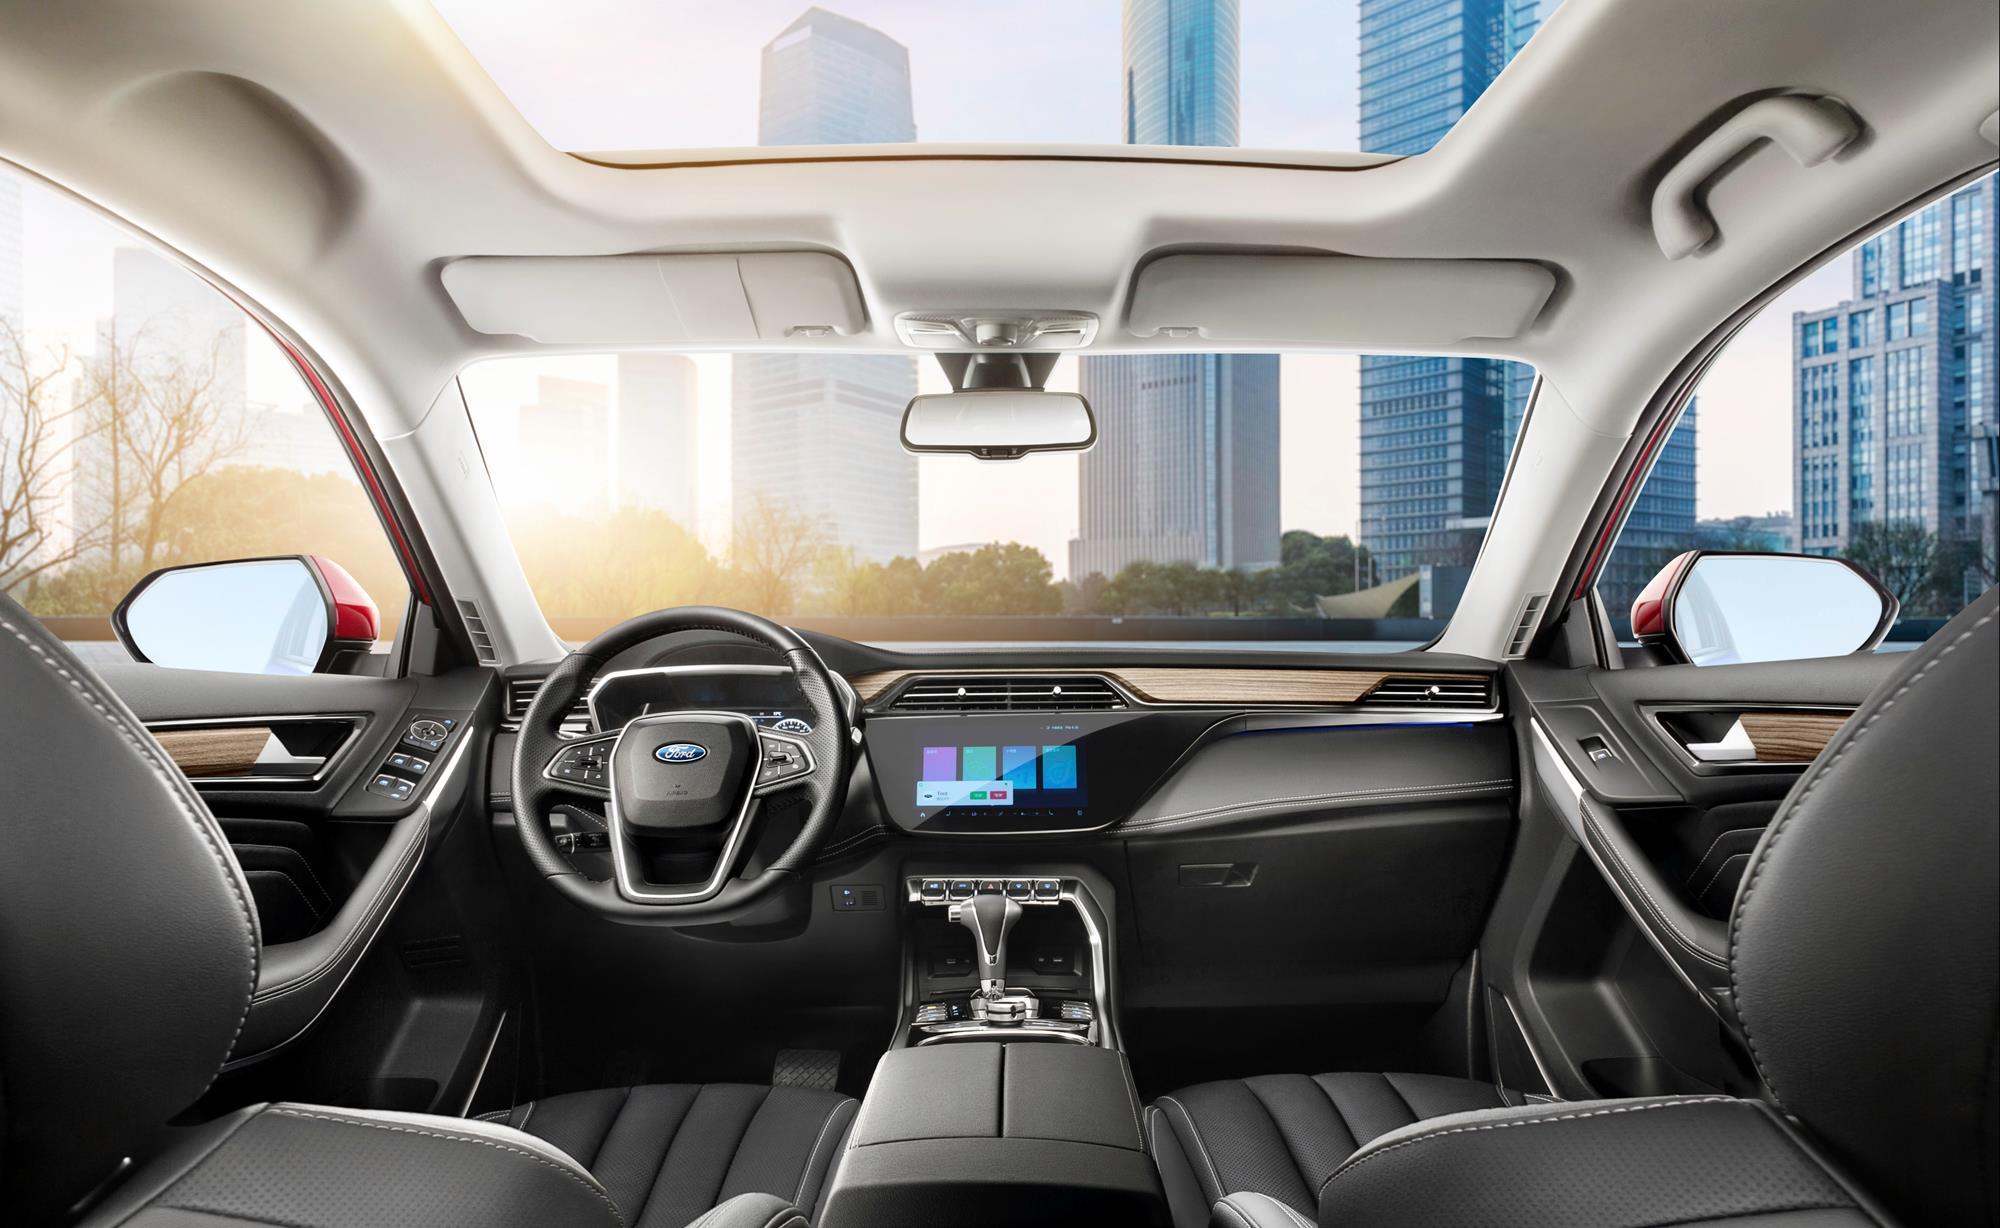 Ford Territory chegará em setembro, mas pré-venda começa em 7 de agosto